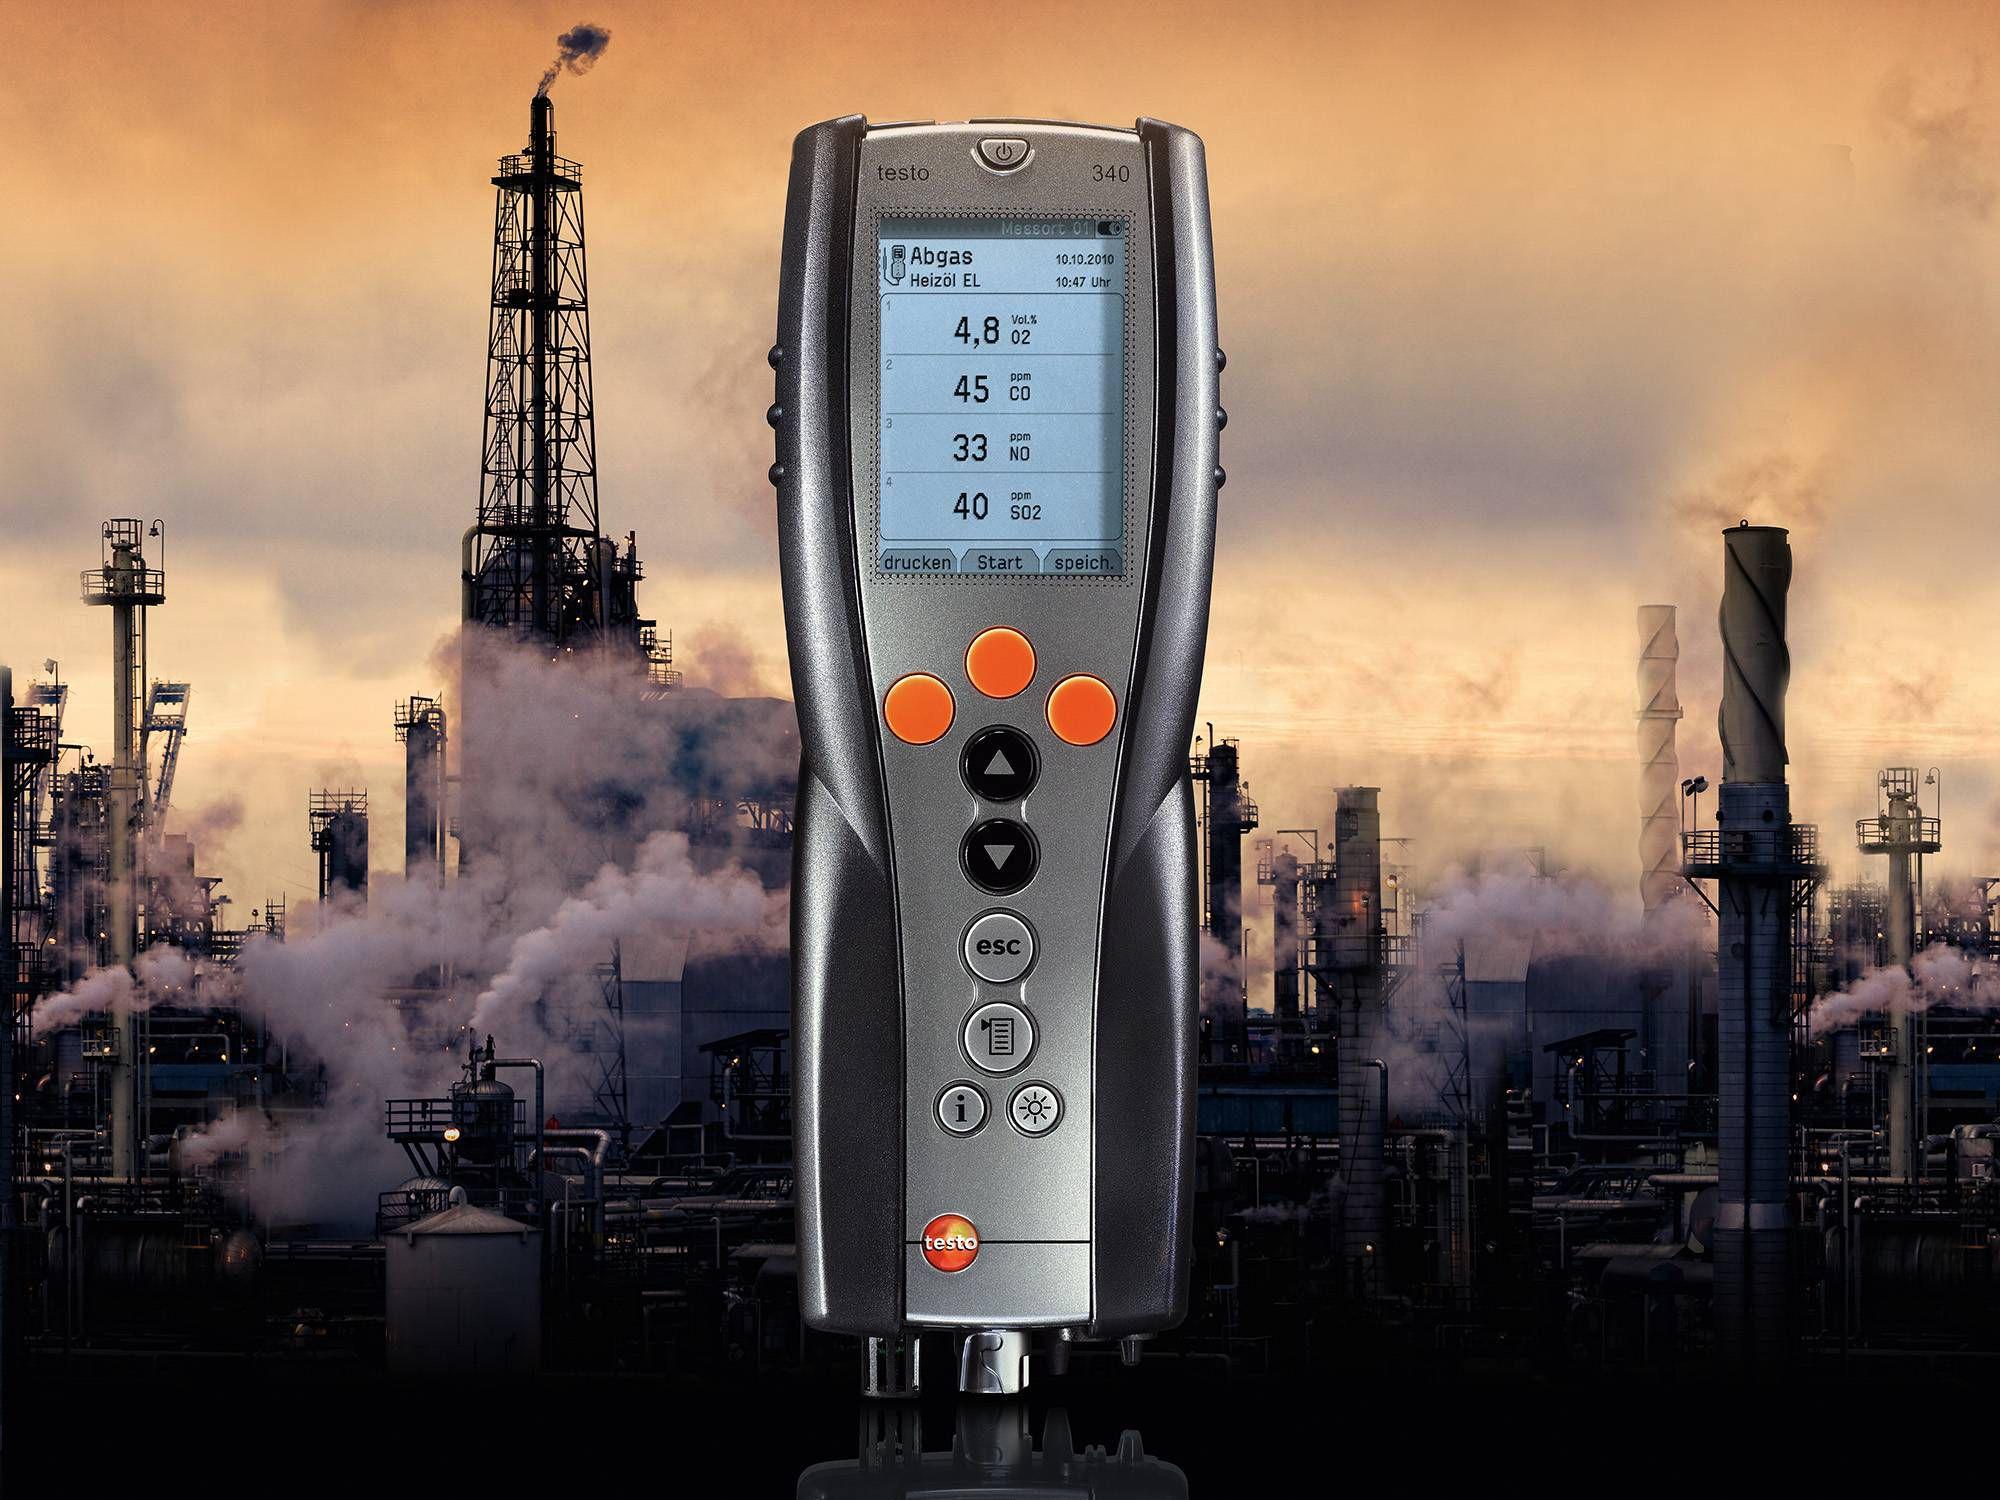 El analizador de combustión testo 340